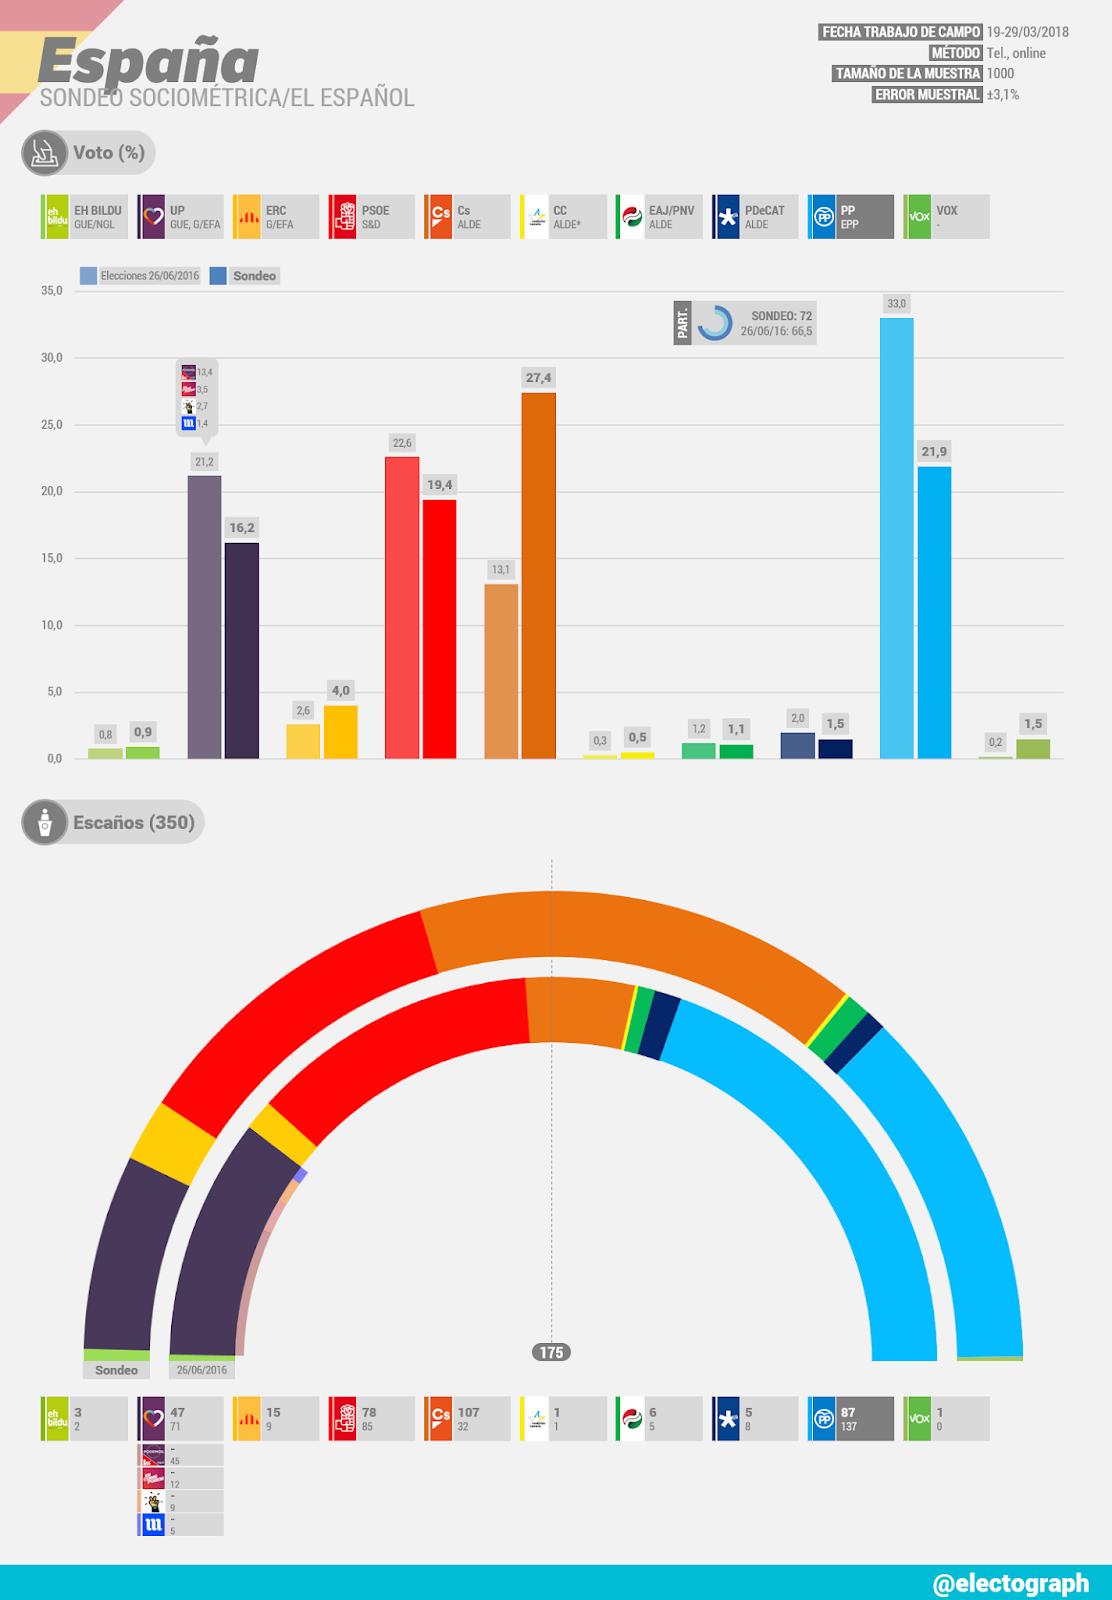 Gráfico de la encuesta para elecciones generales en España realizada por Sociométrica para El Español en marzo de 2018